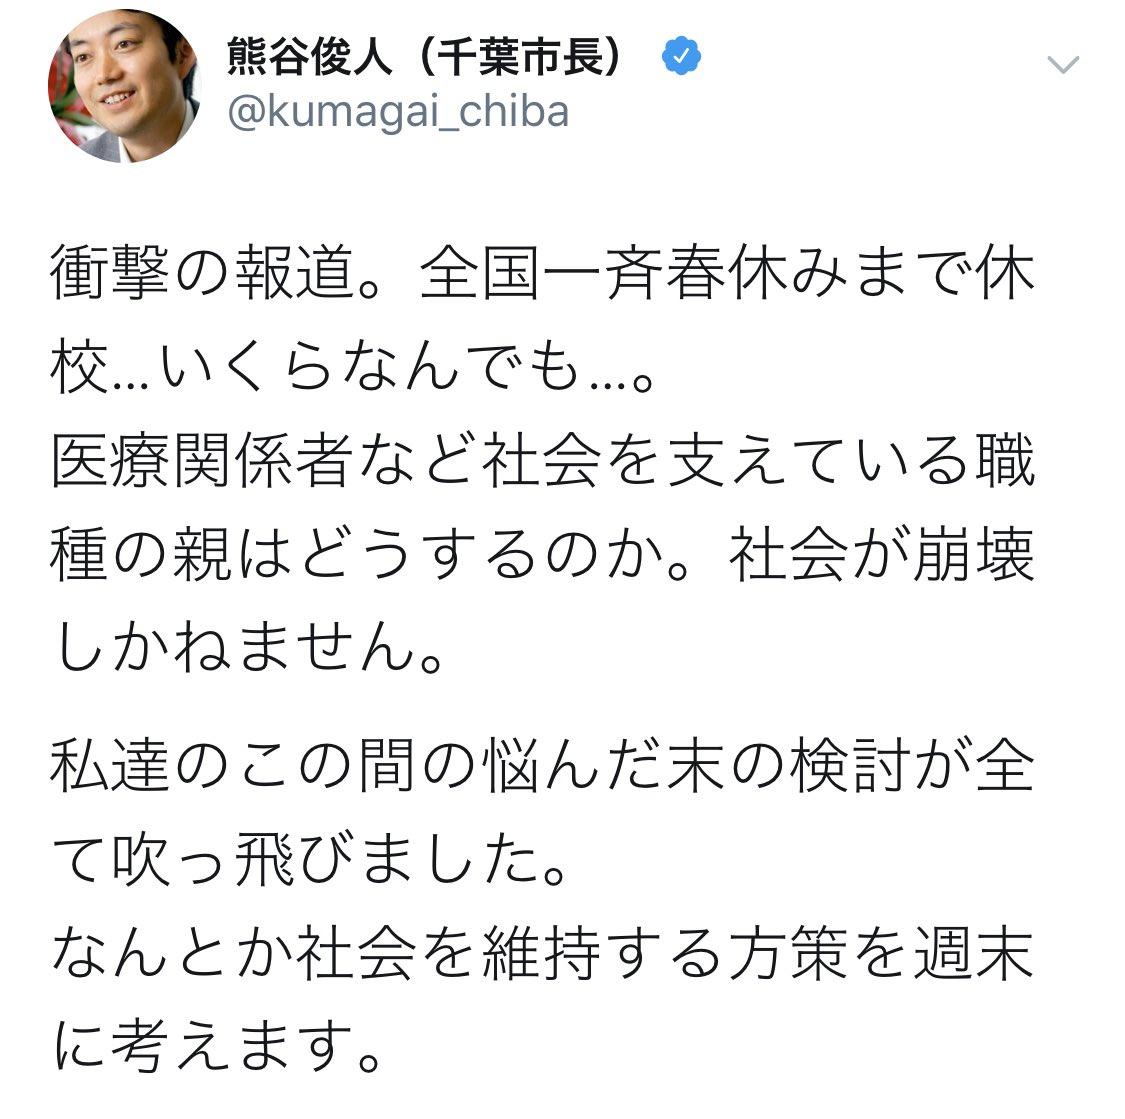 千葉市長の意見が正論すぎて老害政治家全員クビにして千葉国にしてほしい